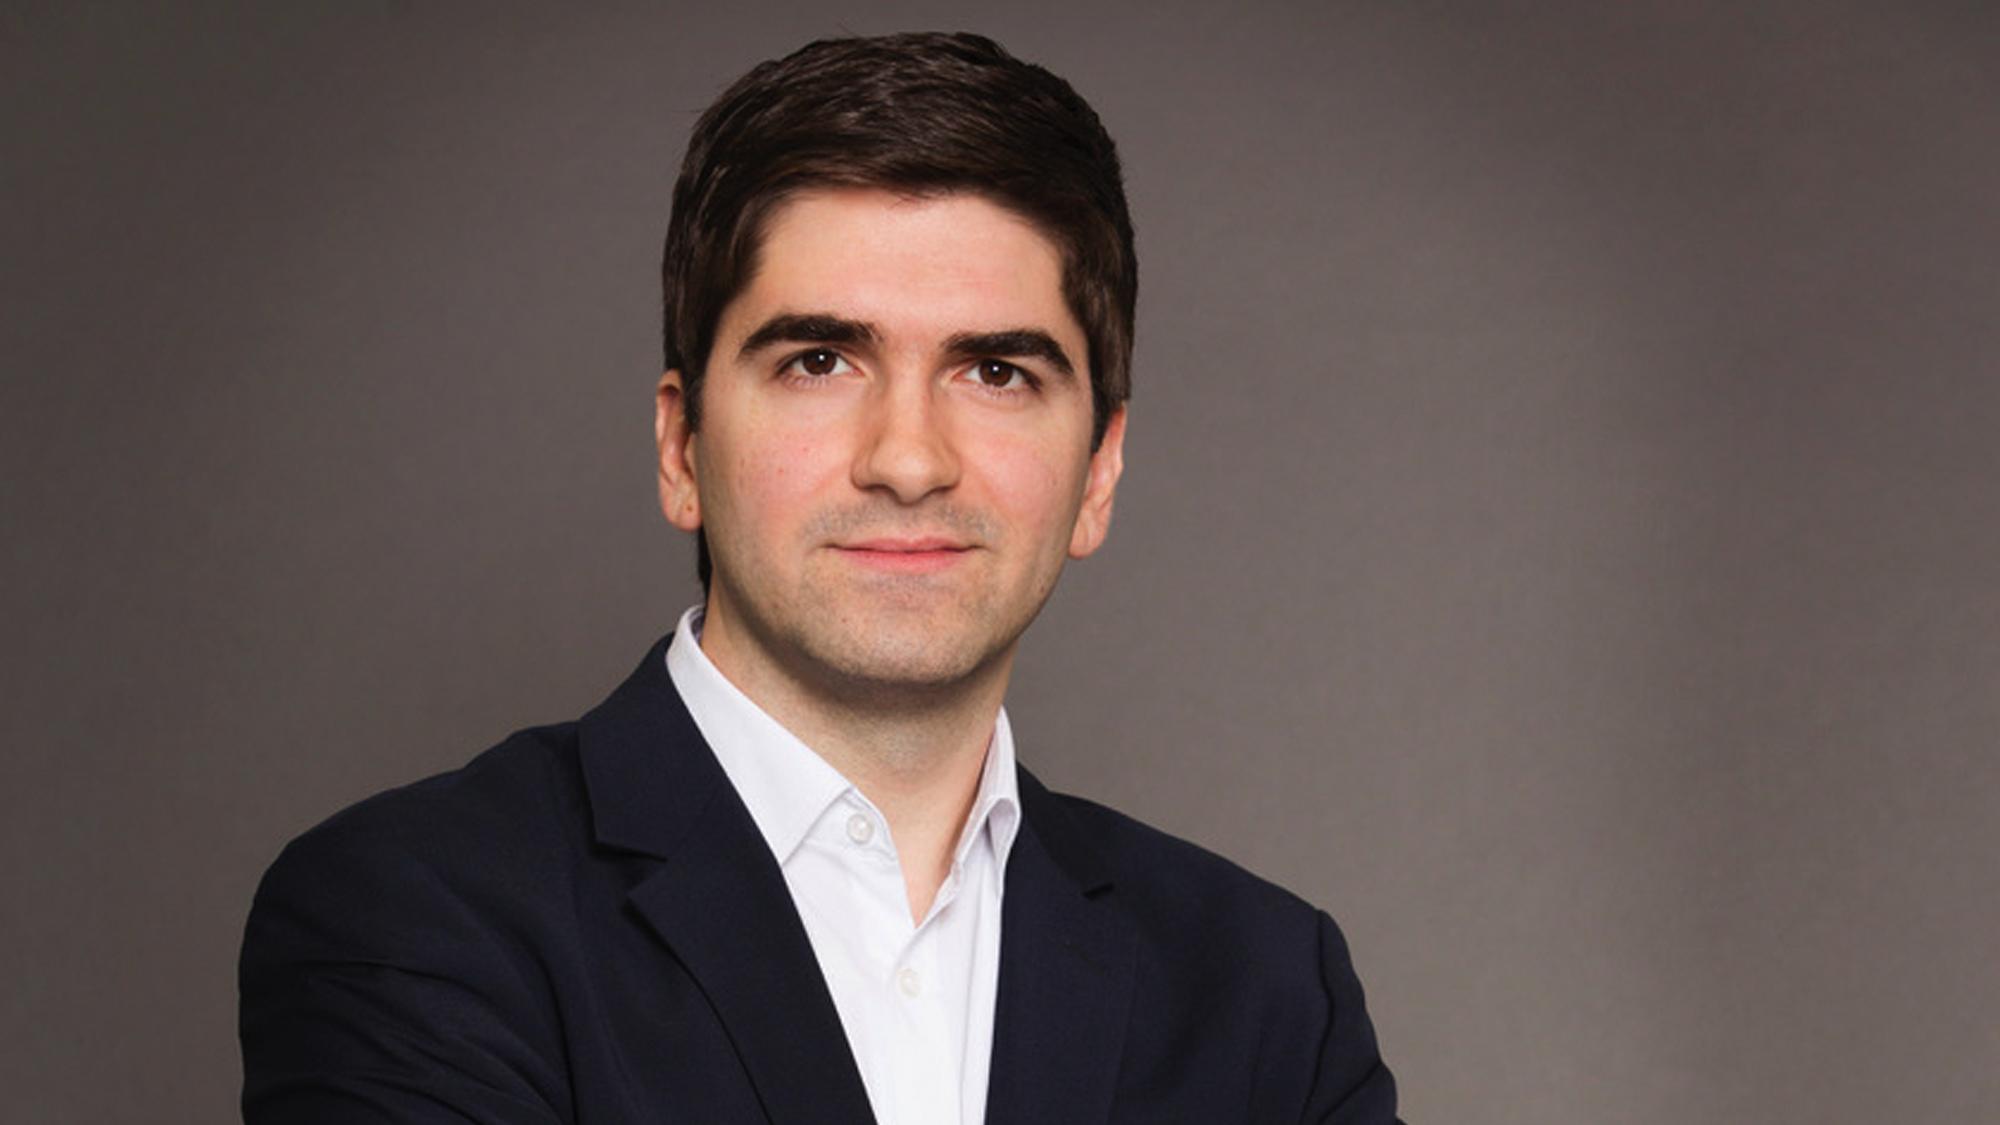 Enpulsion-CEO Alexander Reissner. © Enpulsion